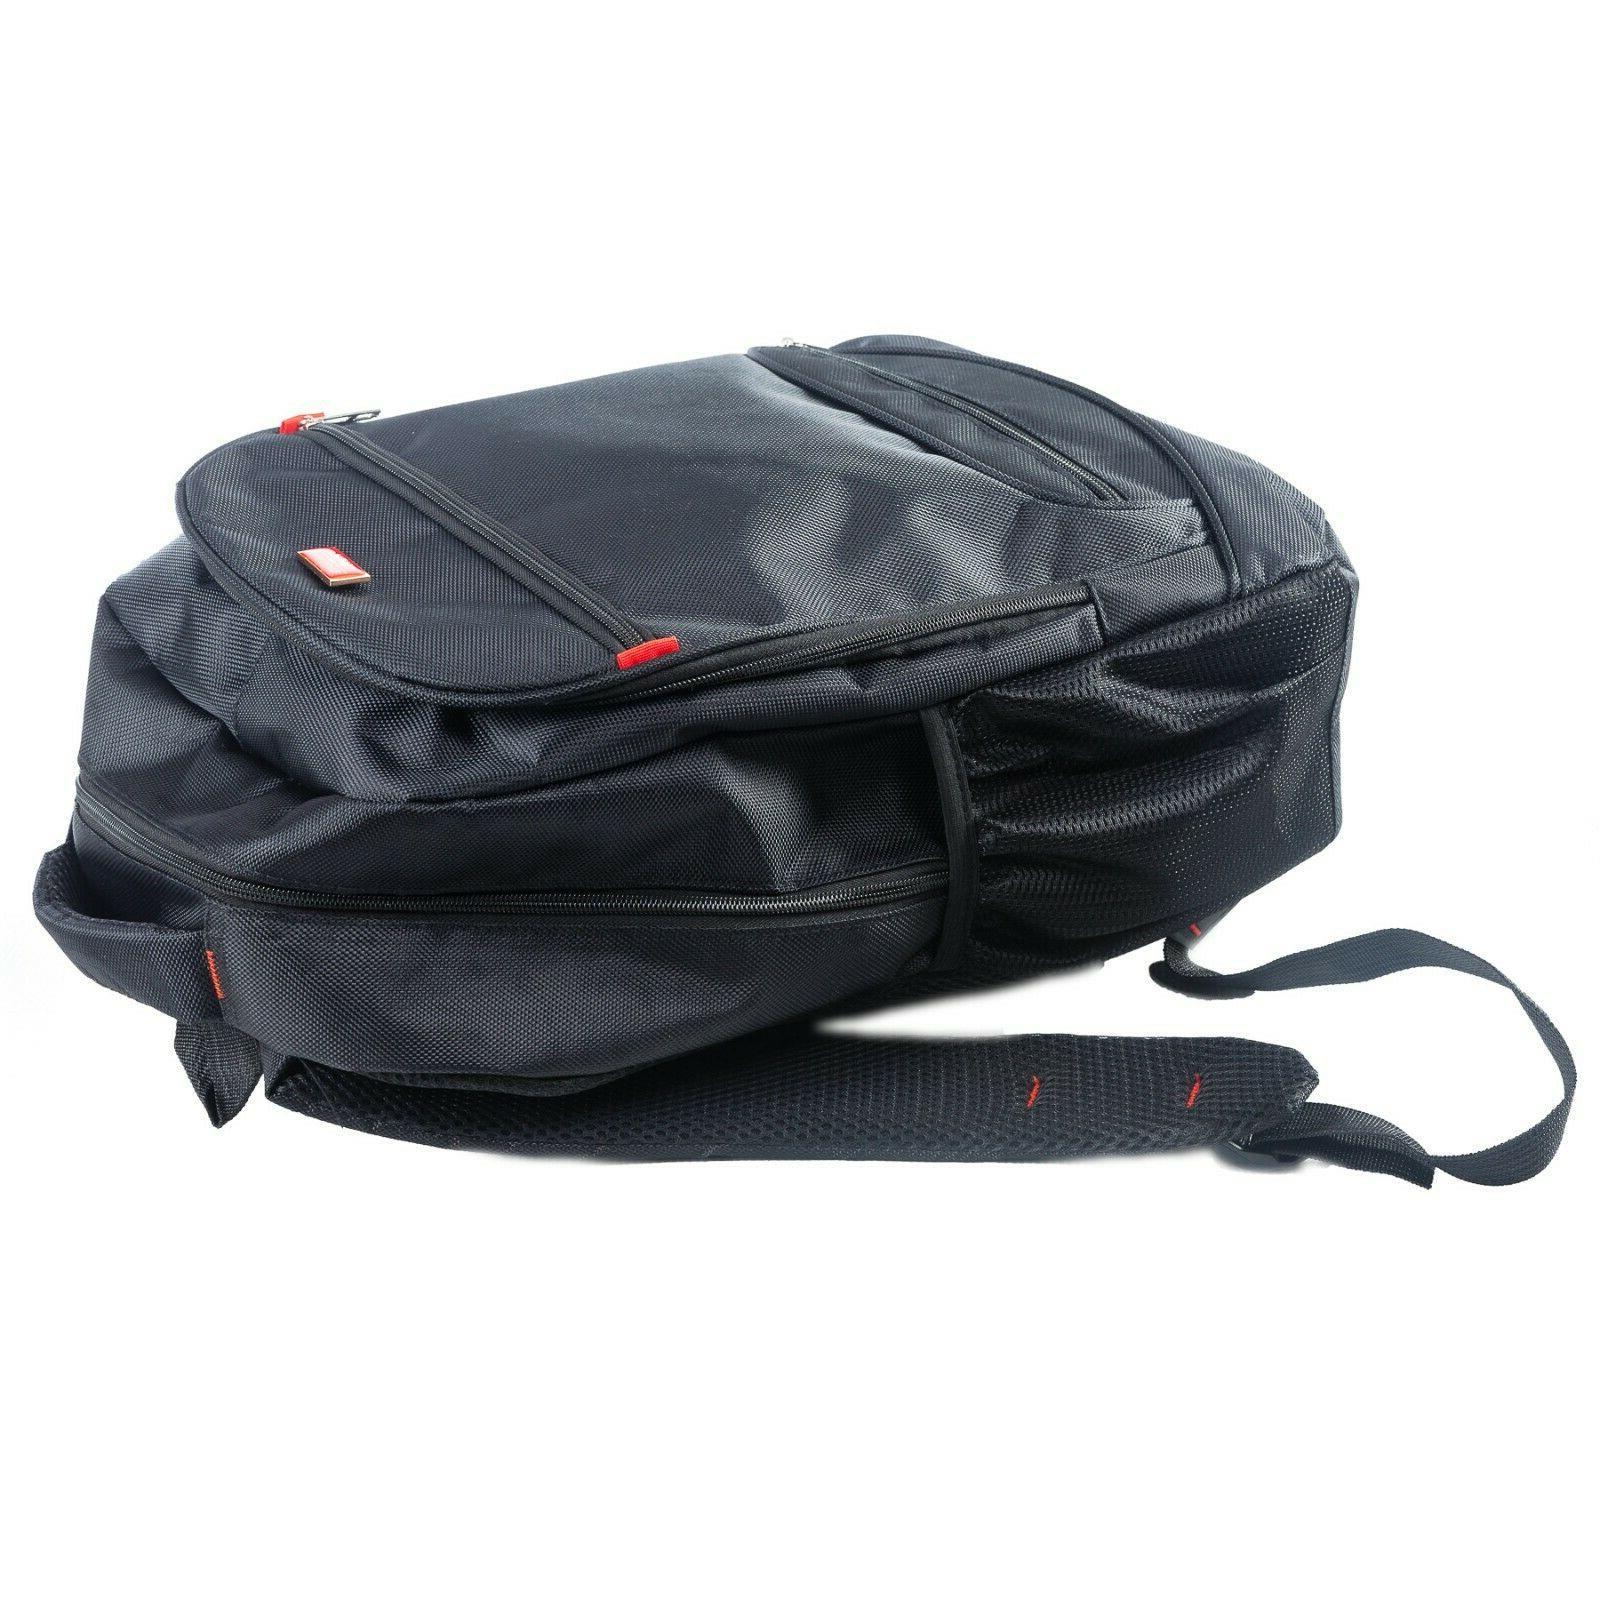 Handsome Man Brands Line Backpack Black, Fits Laptop